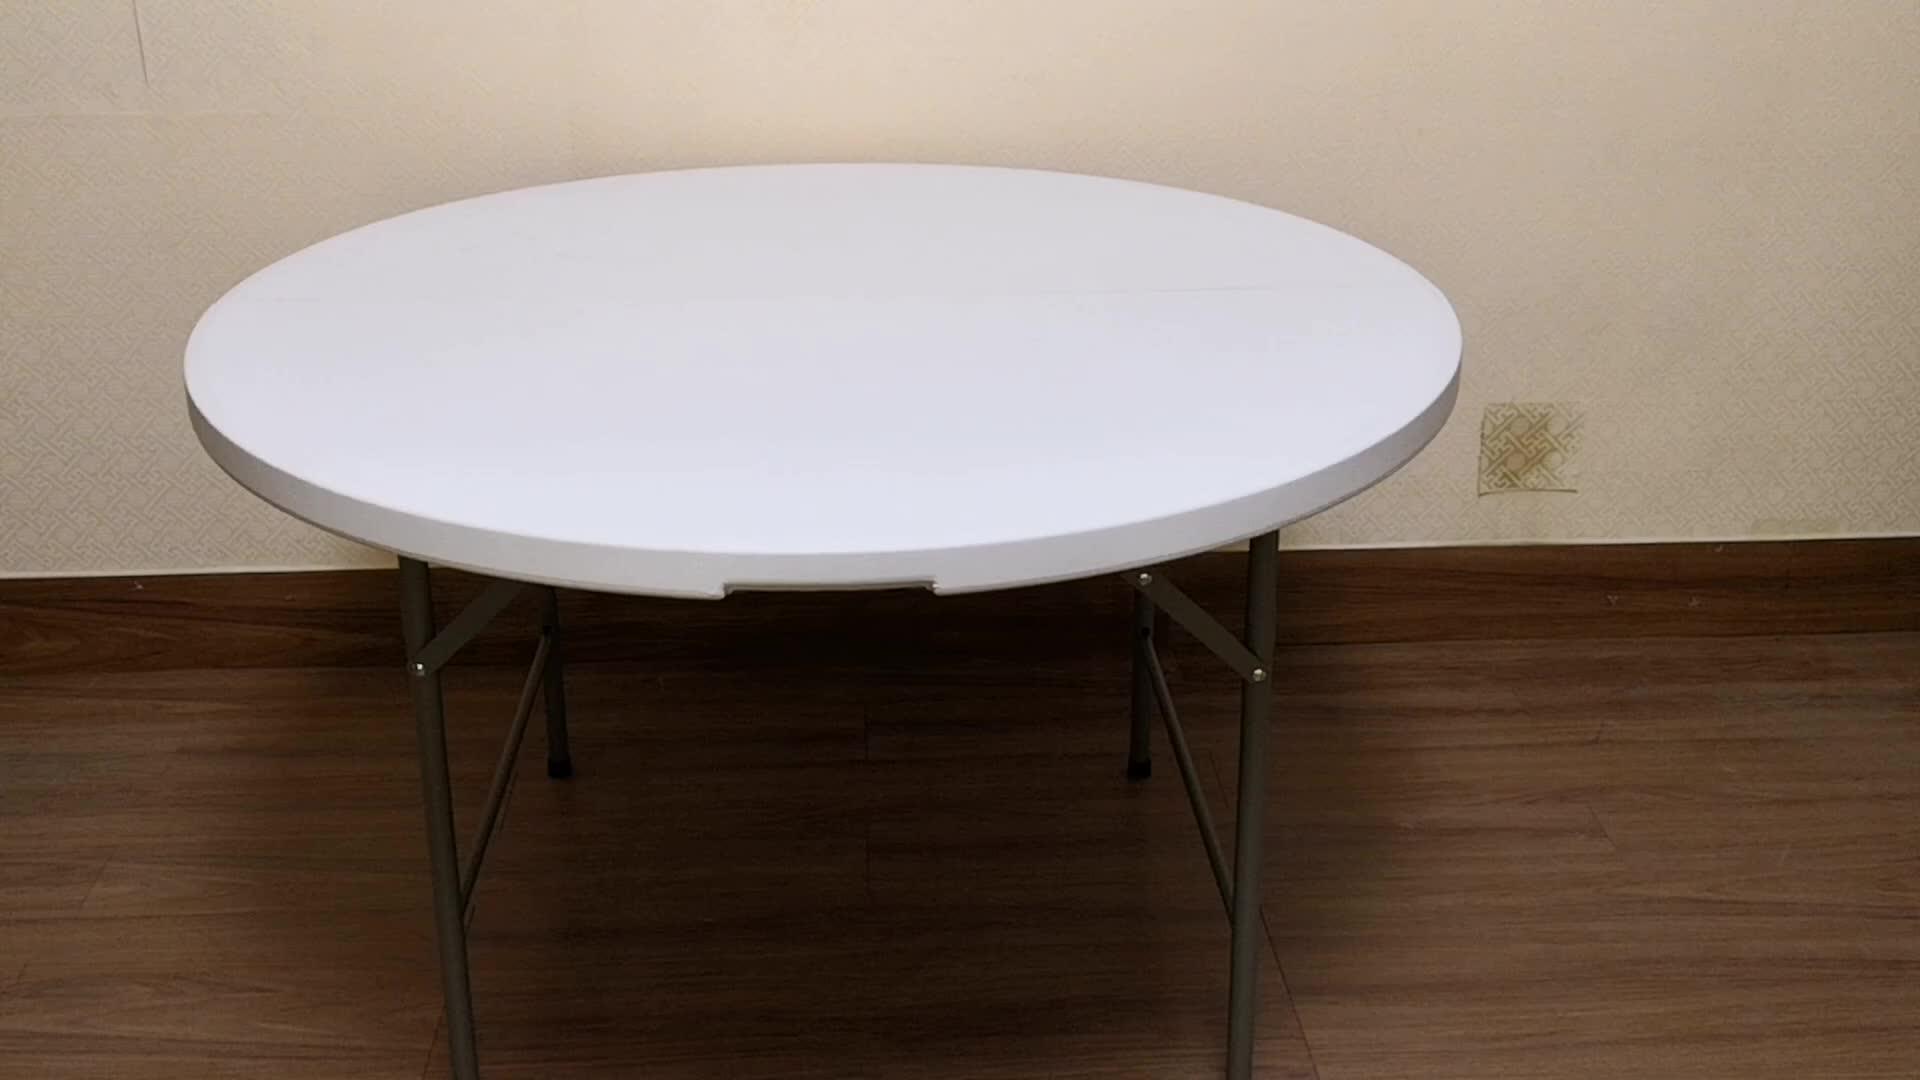 """72 """"/6ft दौर पोर्टेबल द्वि-गुना ग्रेनाइट सफेद प्लास्टिक भोज/घटना तह टेबल"""